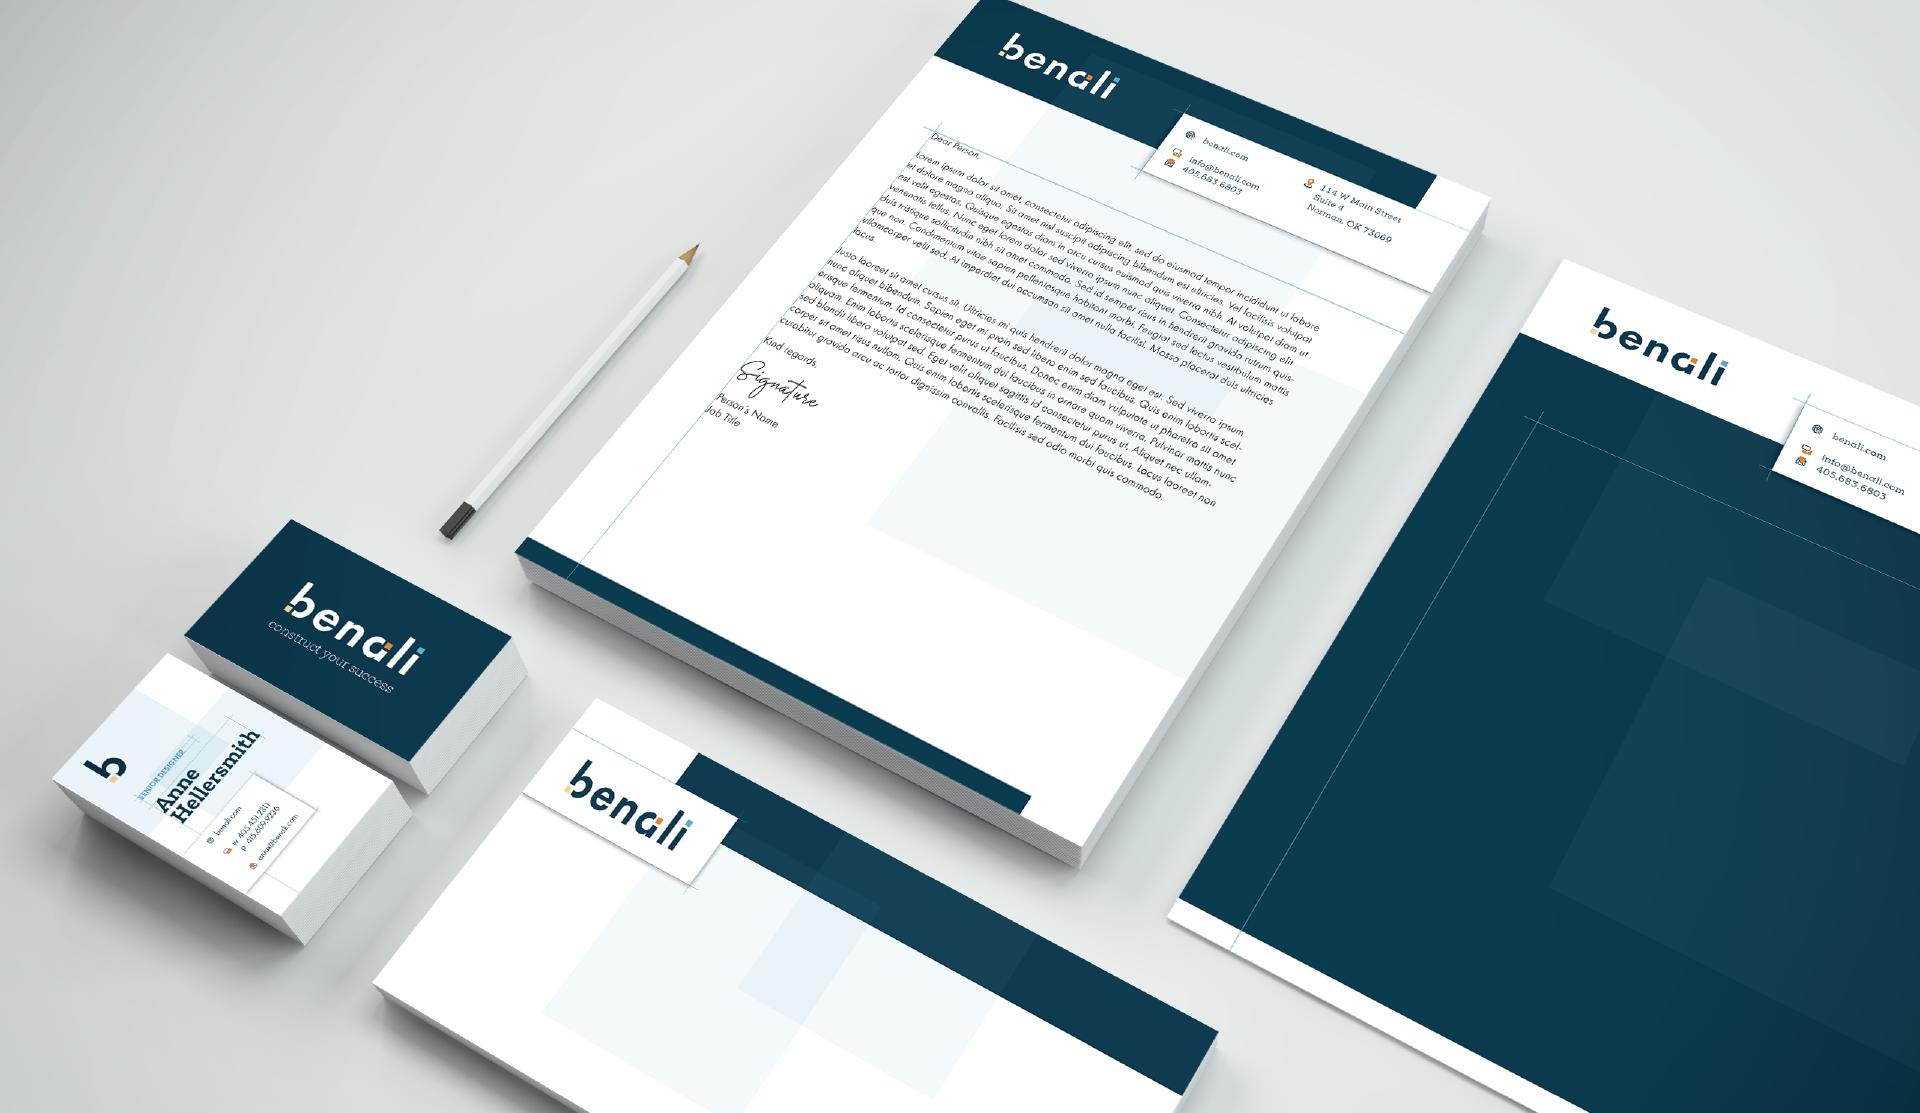 Benali rebrand_website pages_v1-09